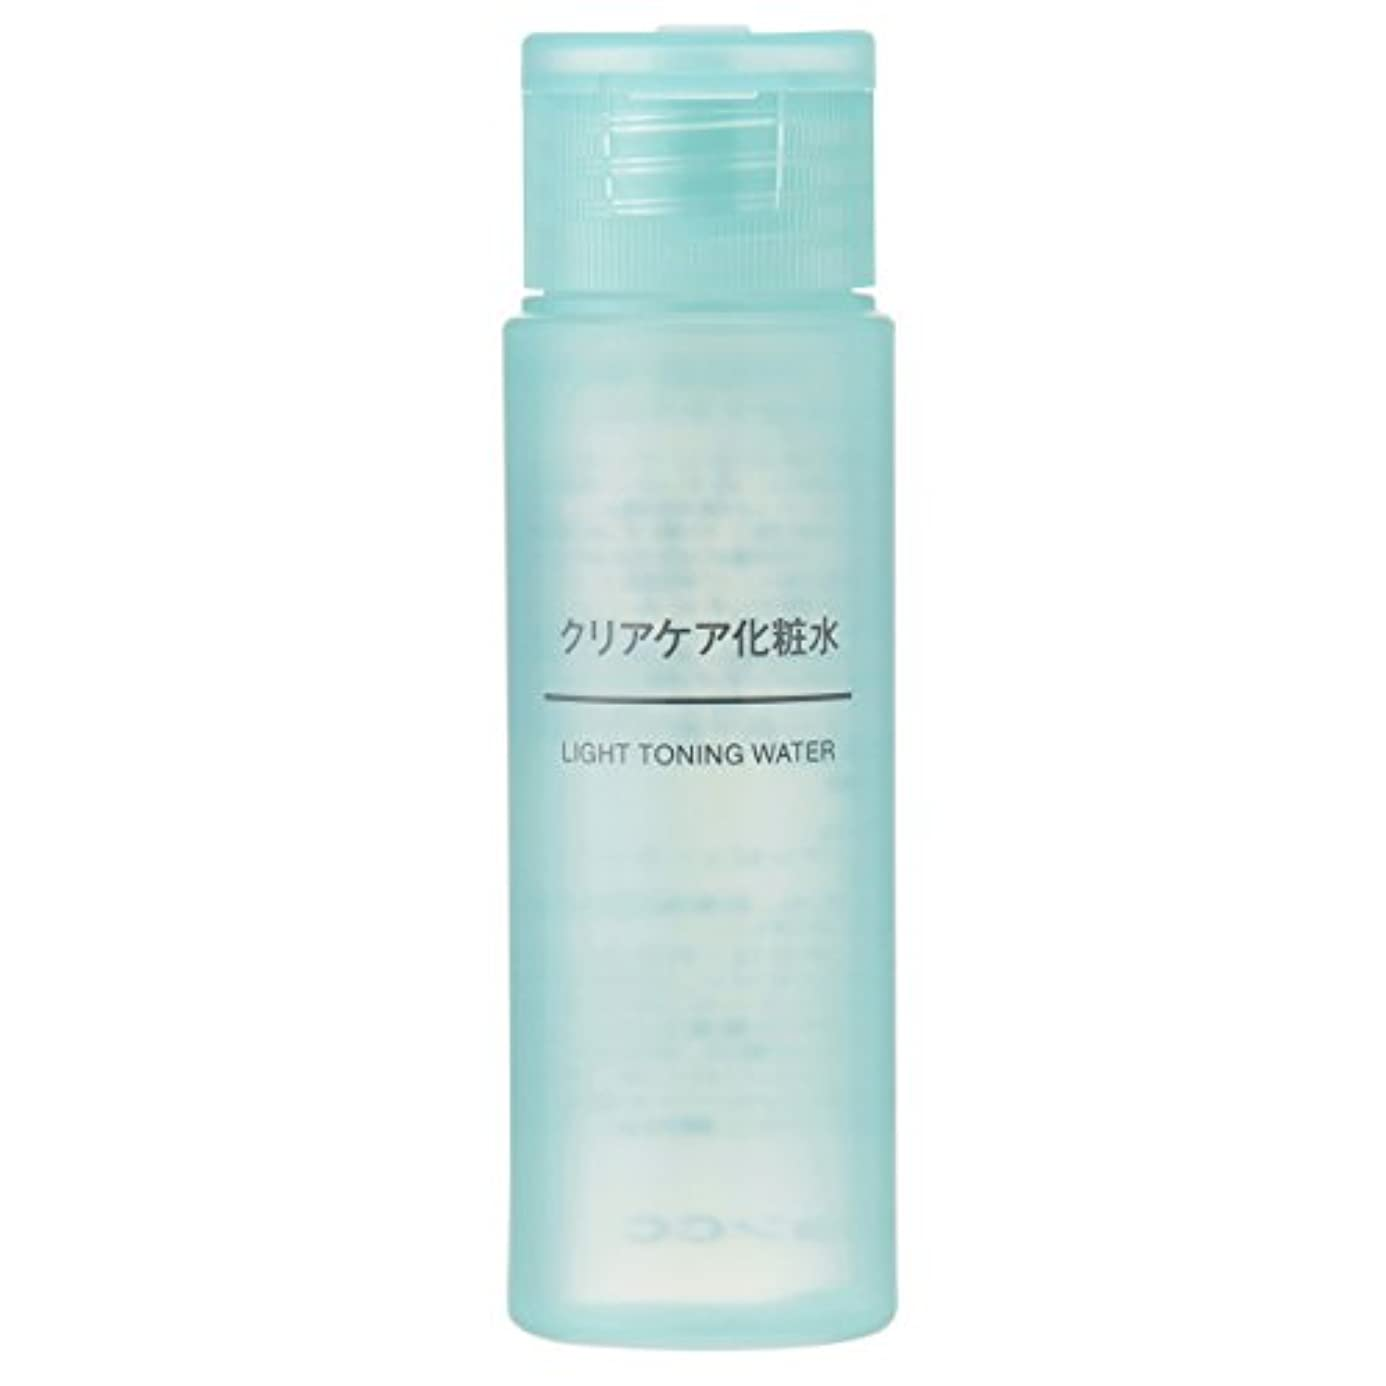 パースマニフェスト取り出す無印良品 クリアケア化粧水(携帯用) 50ml